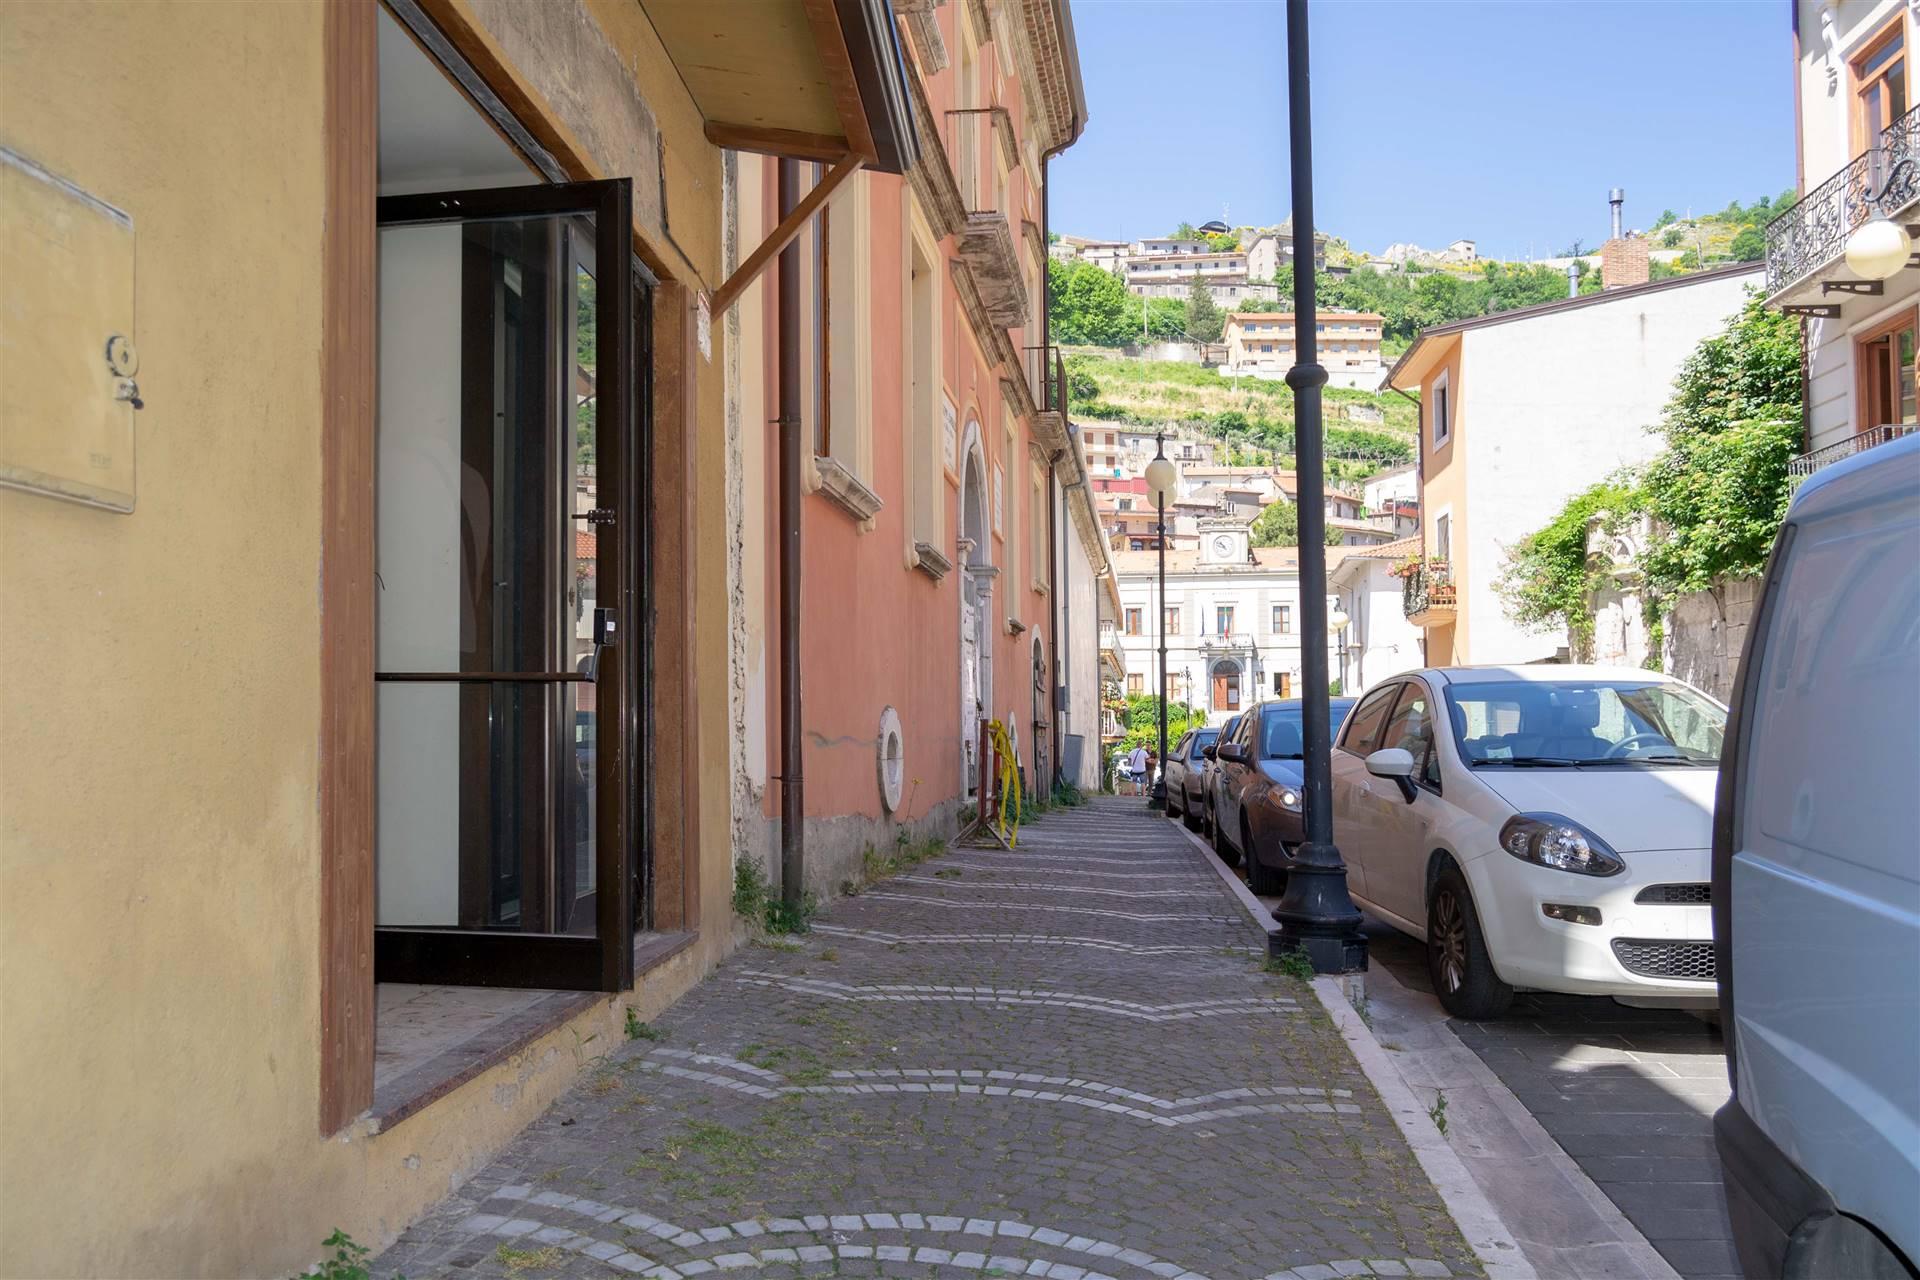 Immobile Commerciale in affitto a Mercogliano, 2 locali, prezzo € 350 | CambioCasa.it